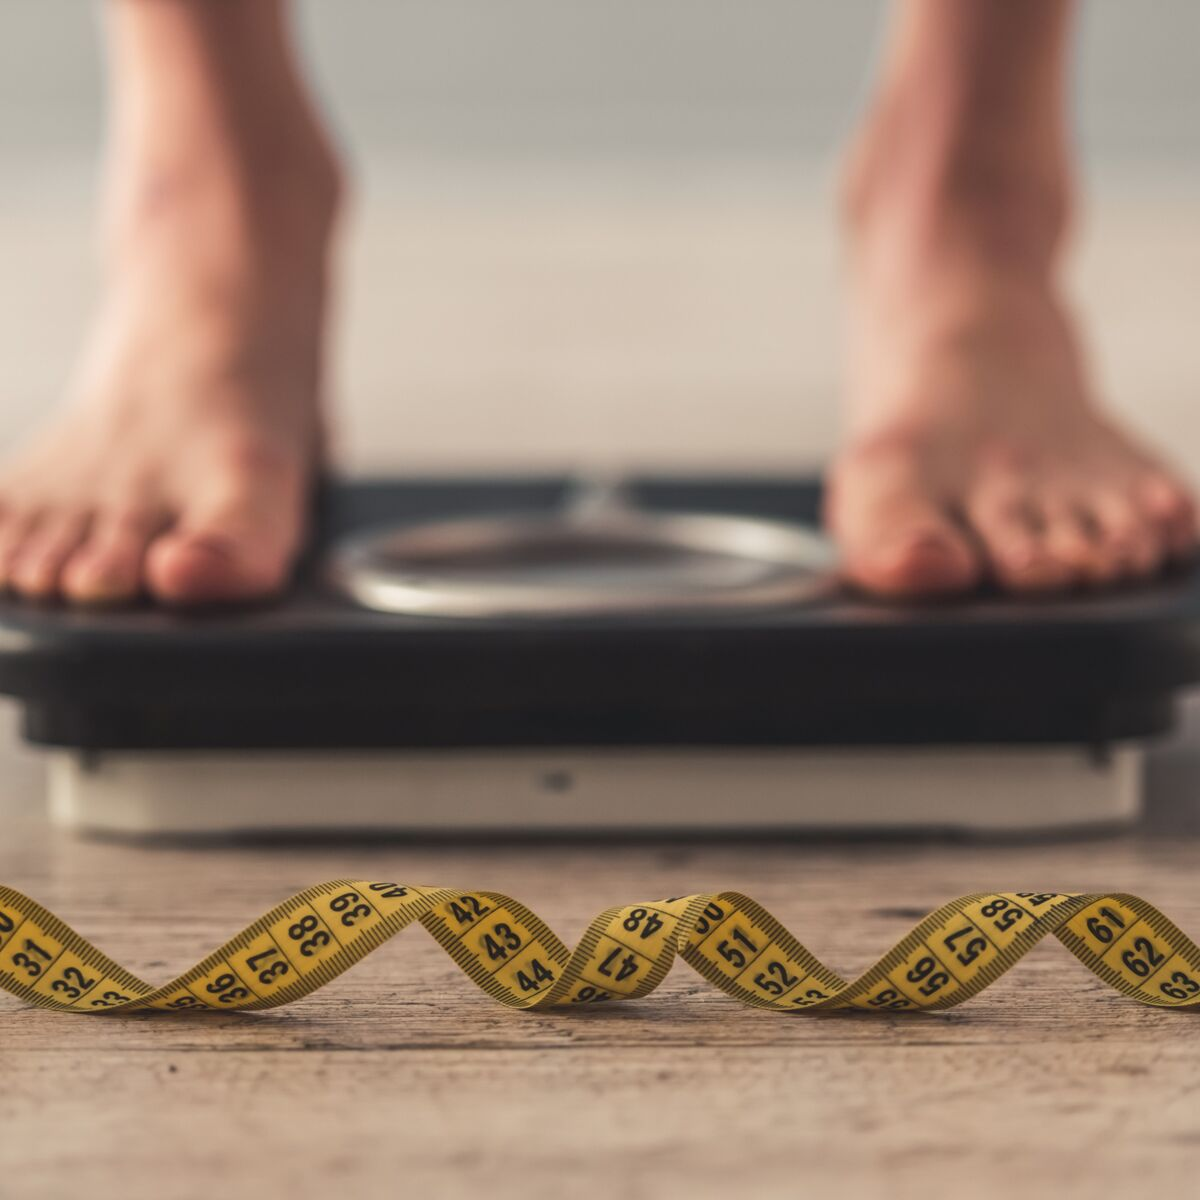 Est-ce que cela cause une perte de poids